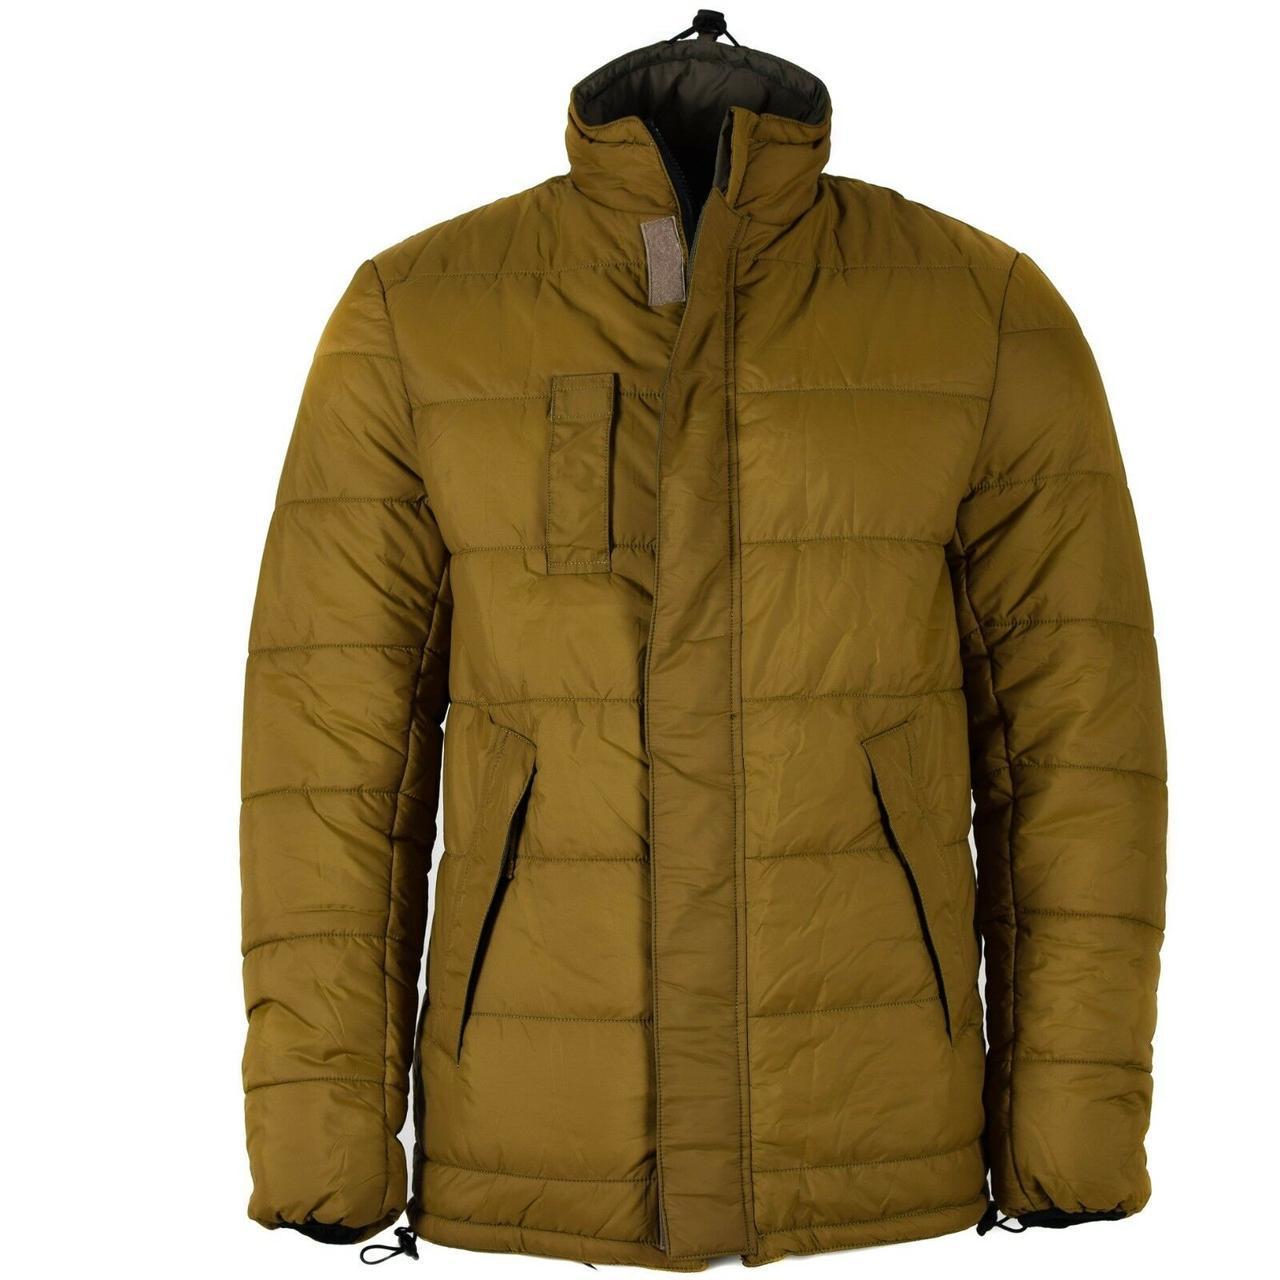 Реверсивная куртка армии Недерландов олива/койот